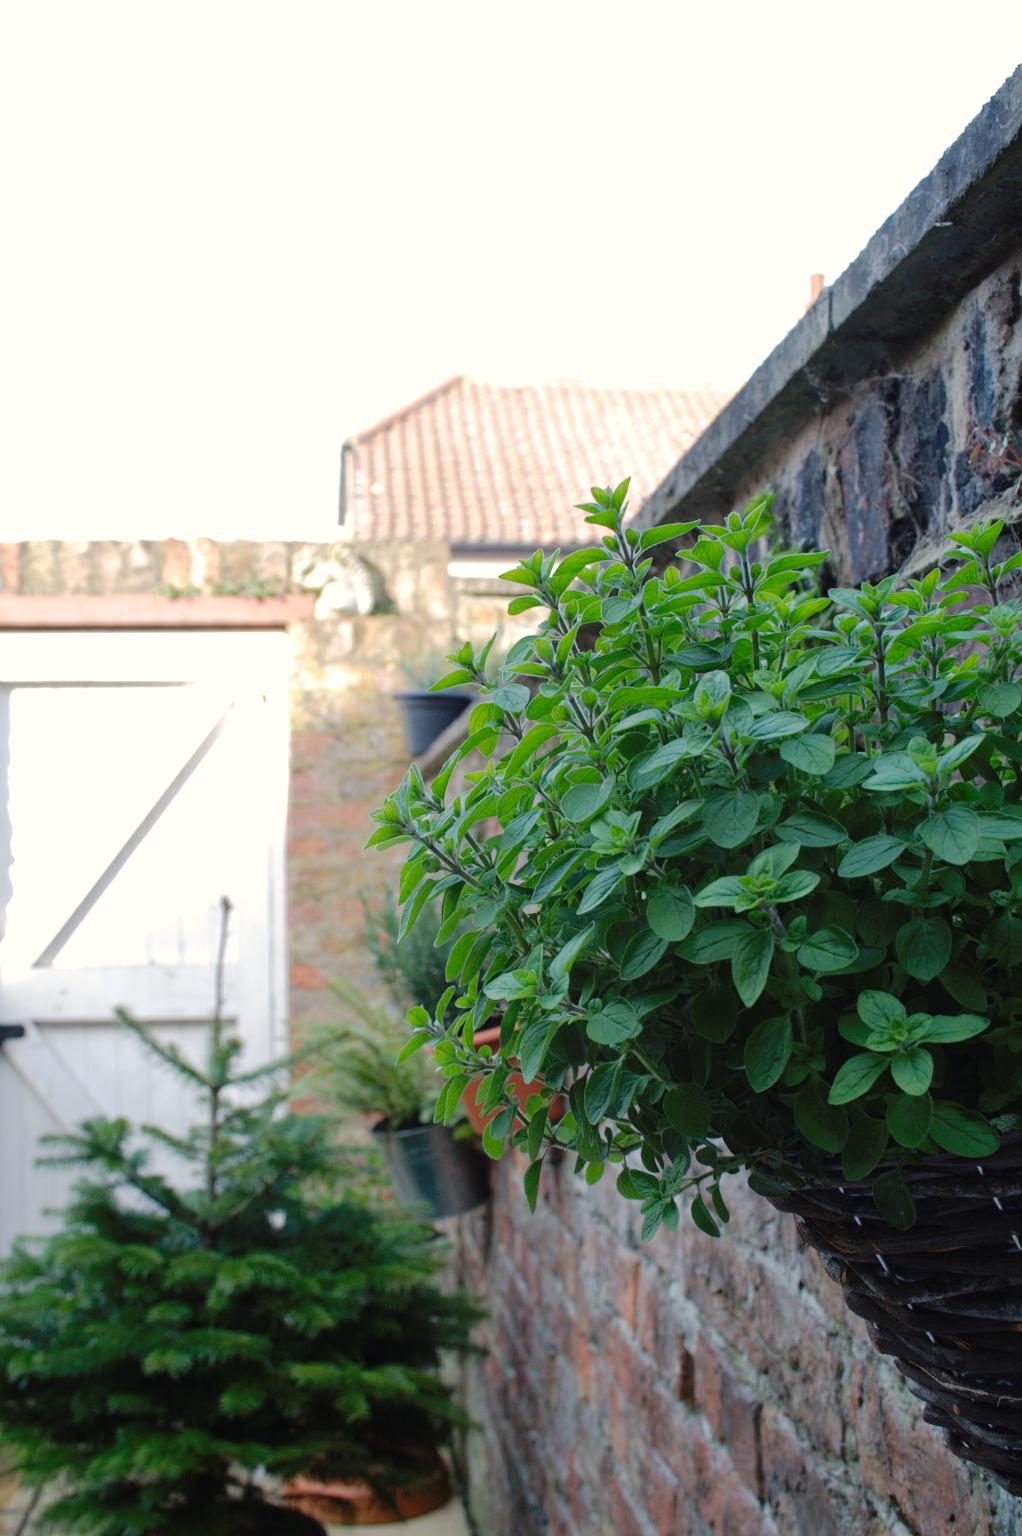 Mein englischer Garten - Oregano an der Mauer - Zebraspider DIY Anti-Fashion Blog